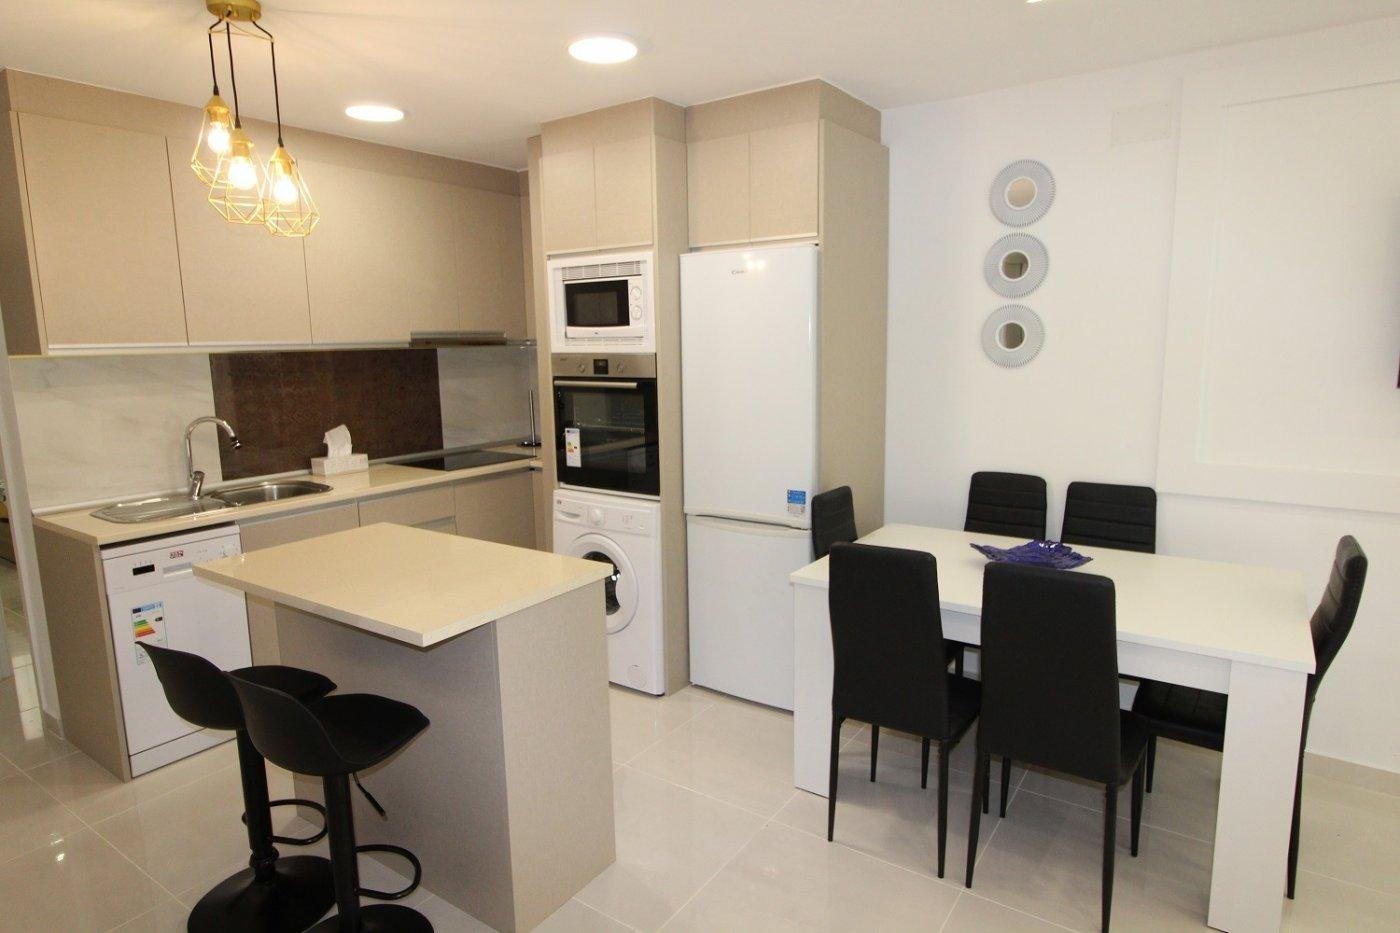 apartamento en torrevieja · playa-del-cura 121307.61904762€